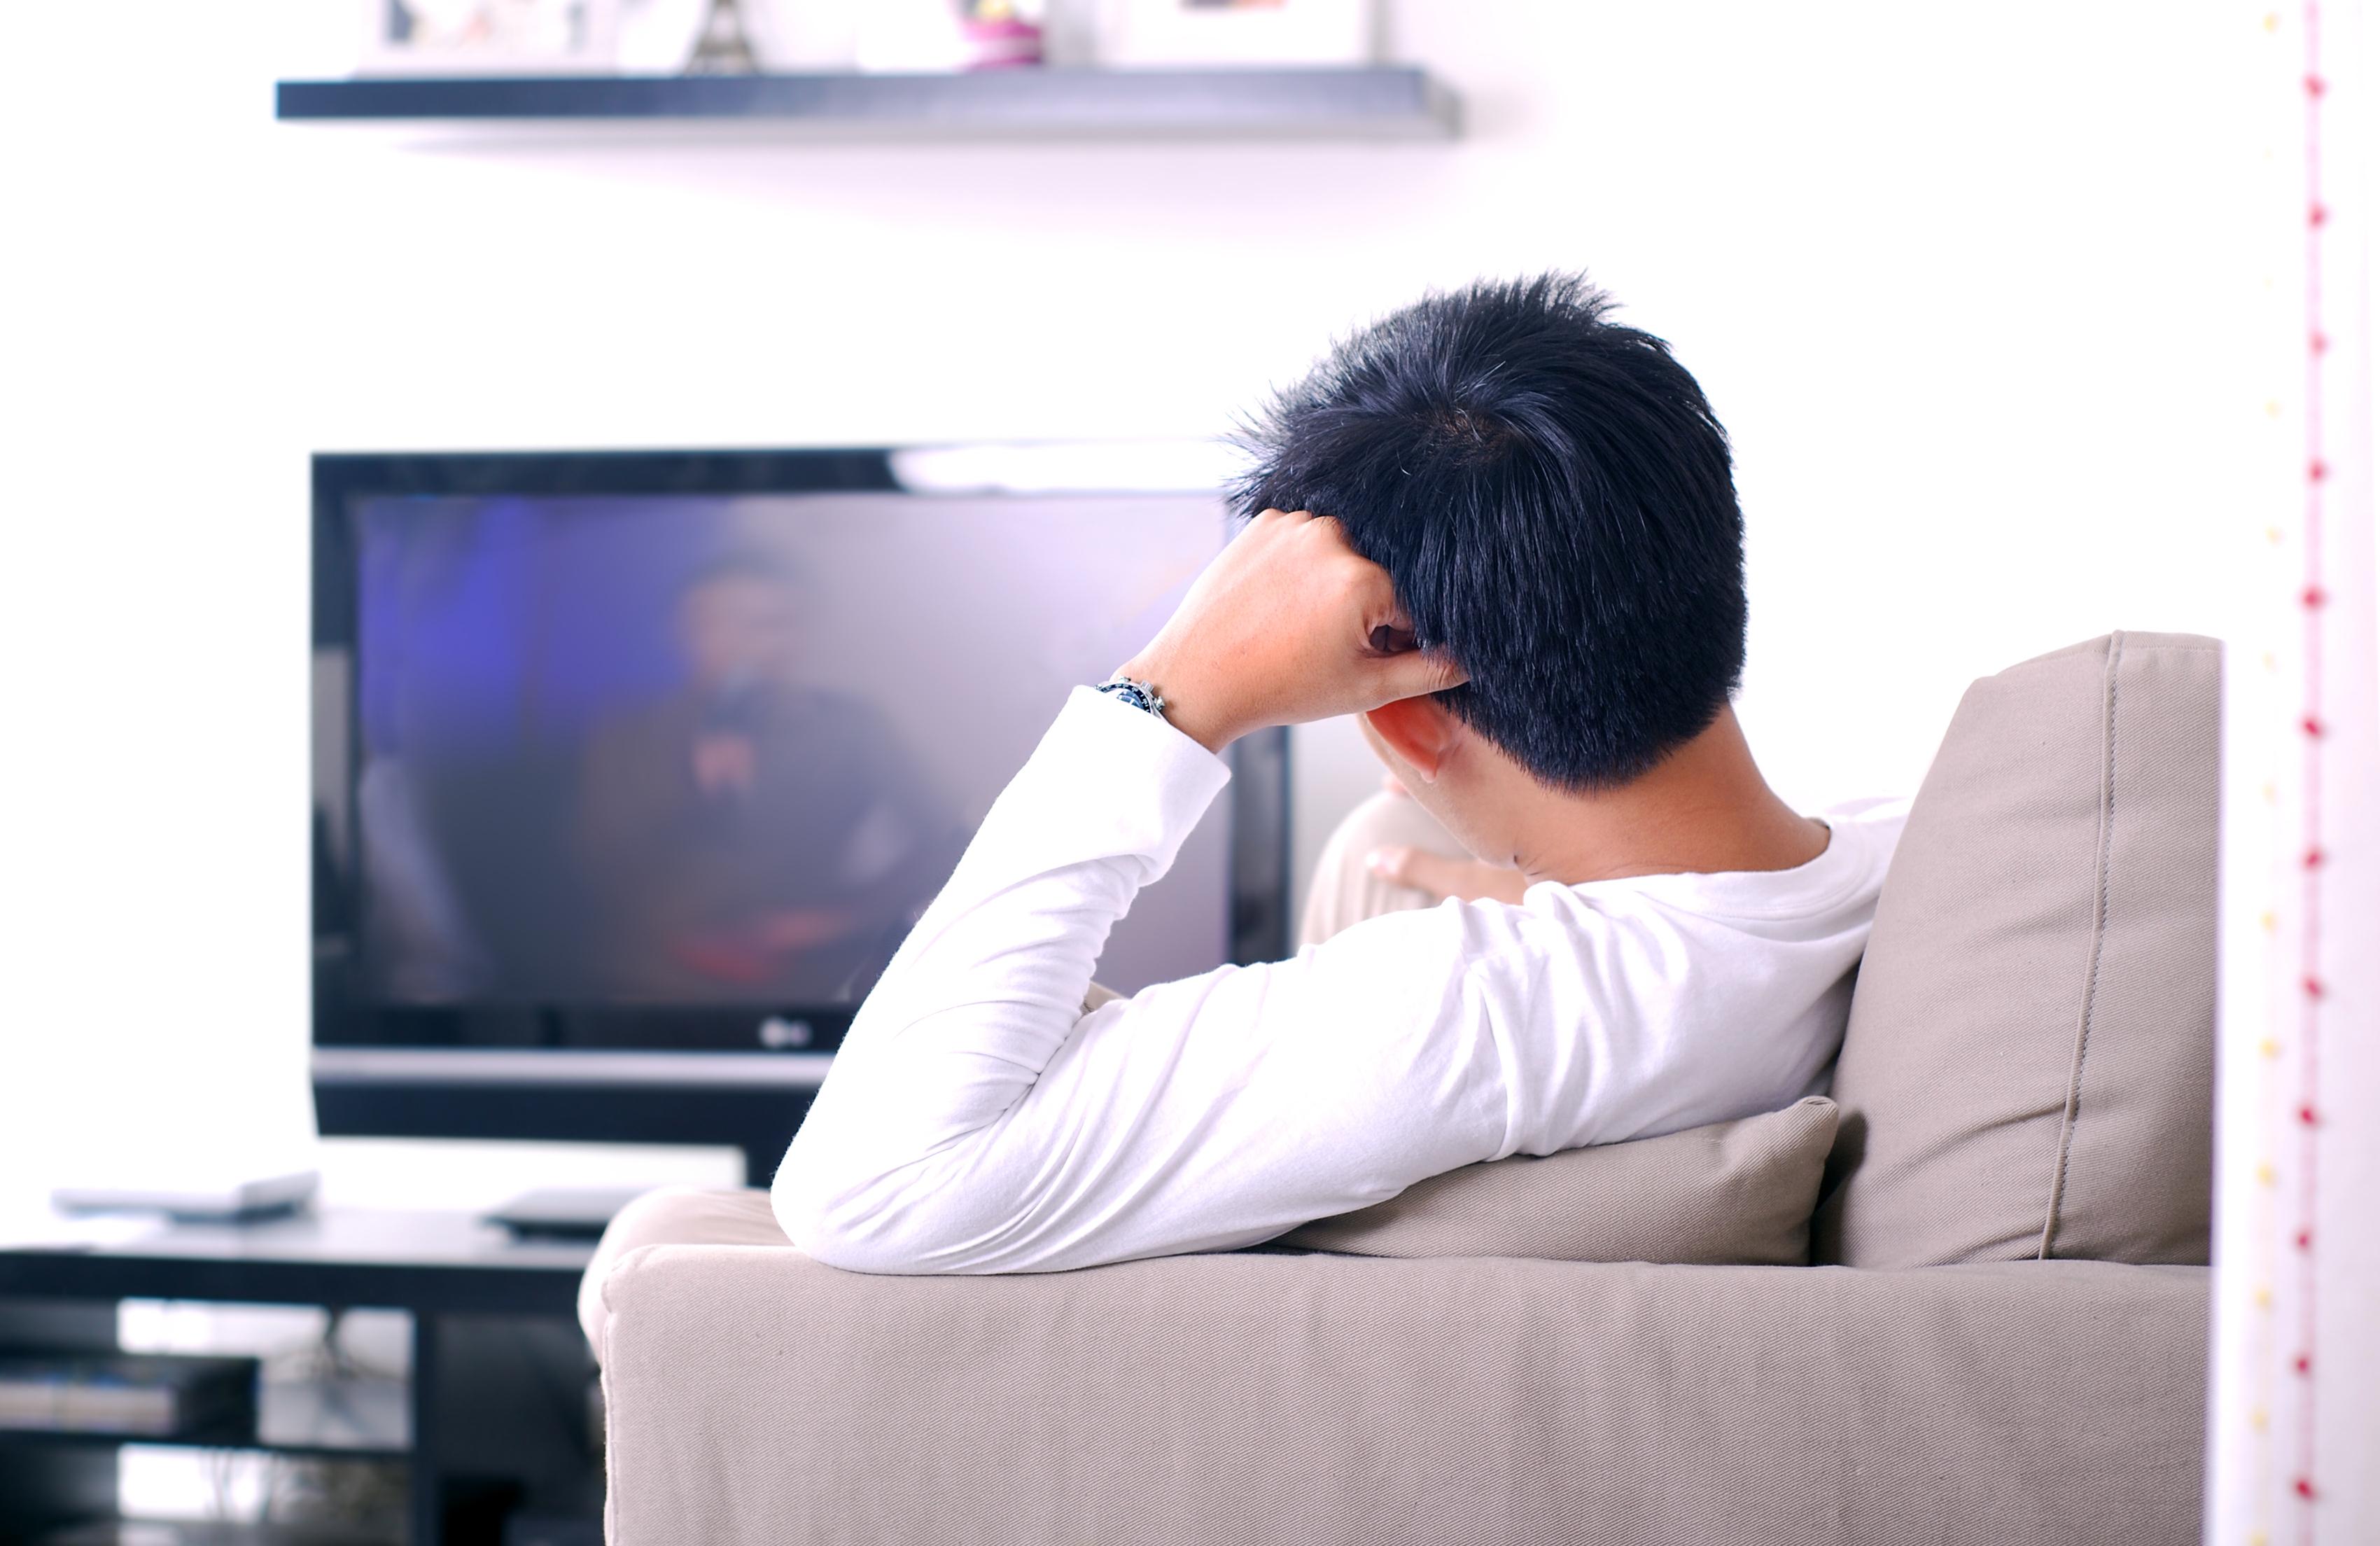 Секс смотря на телевизор 23 фотография